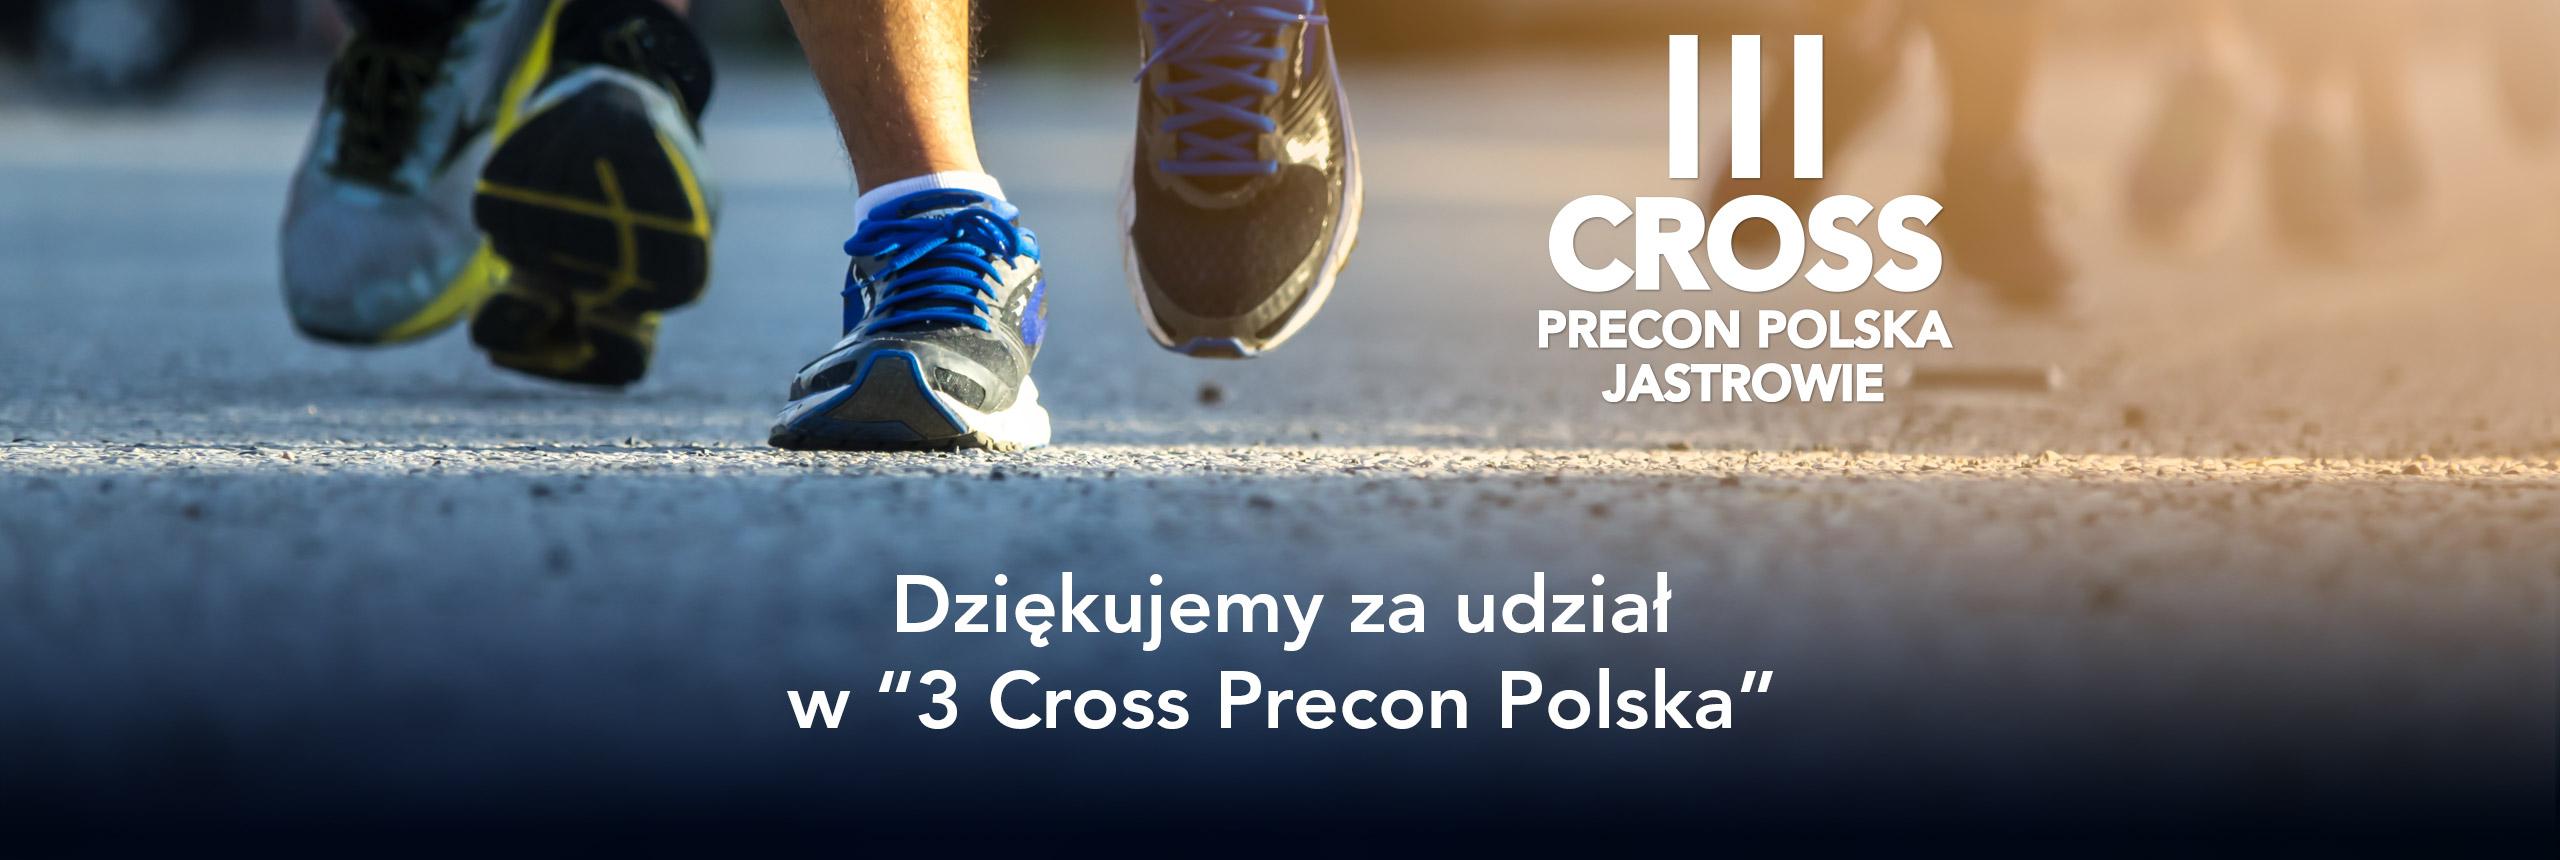 3 Cross Precon Polska Jastrowie Bieg